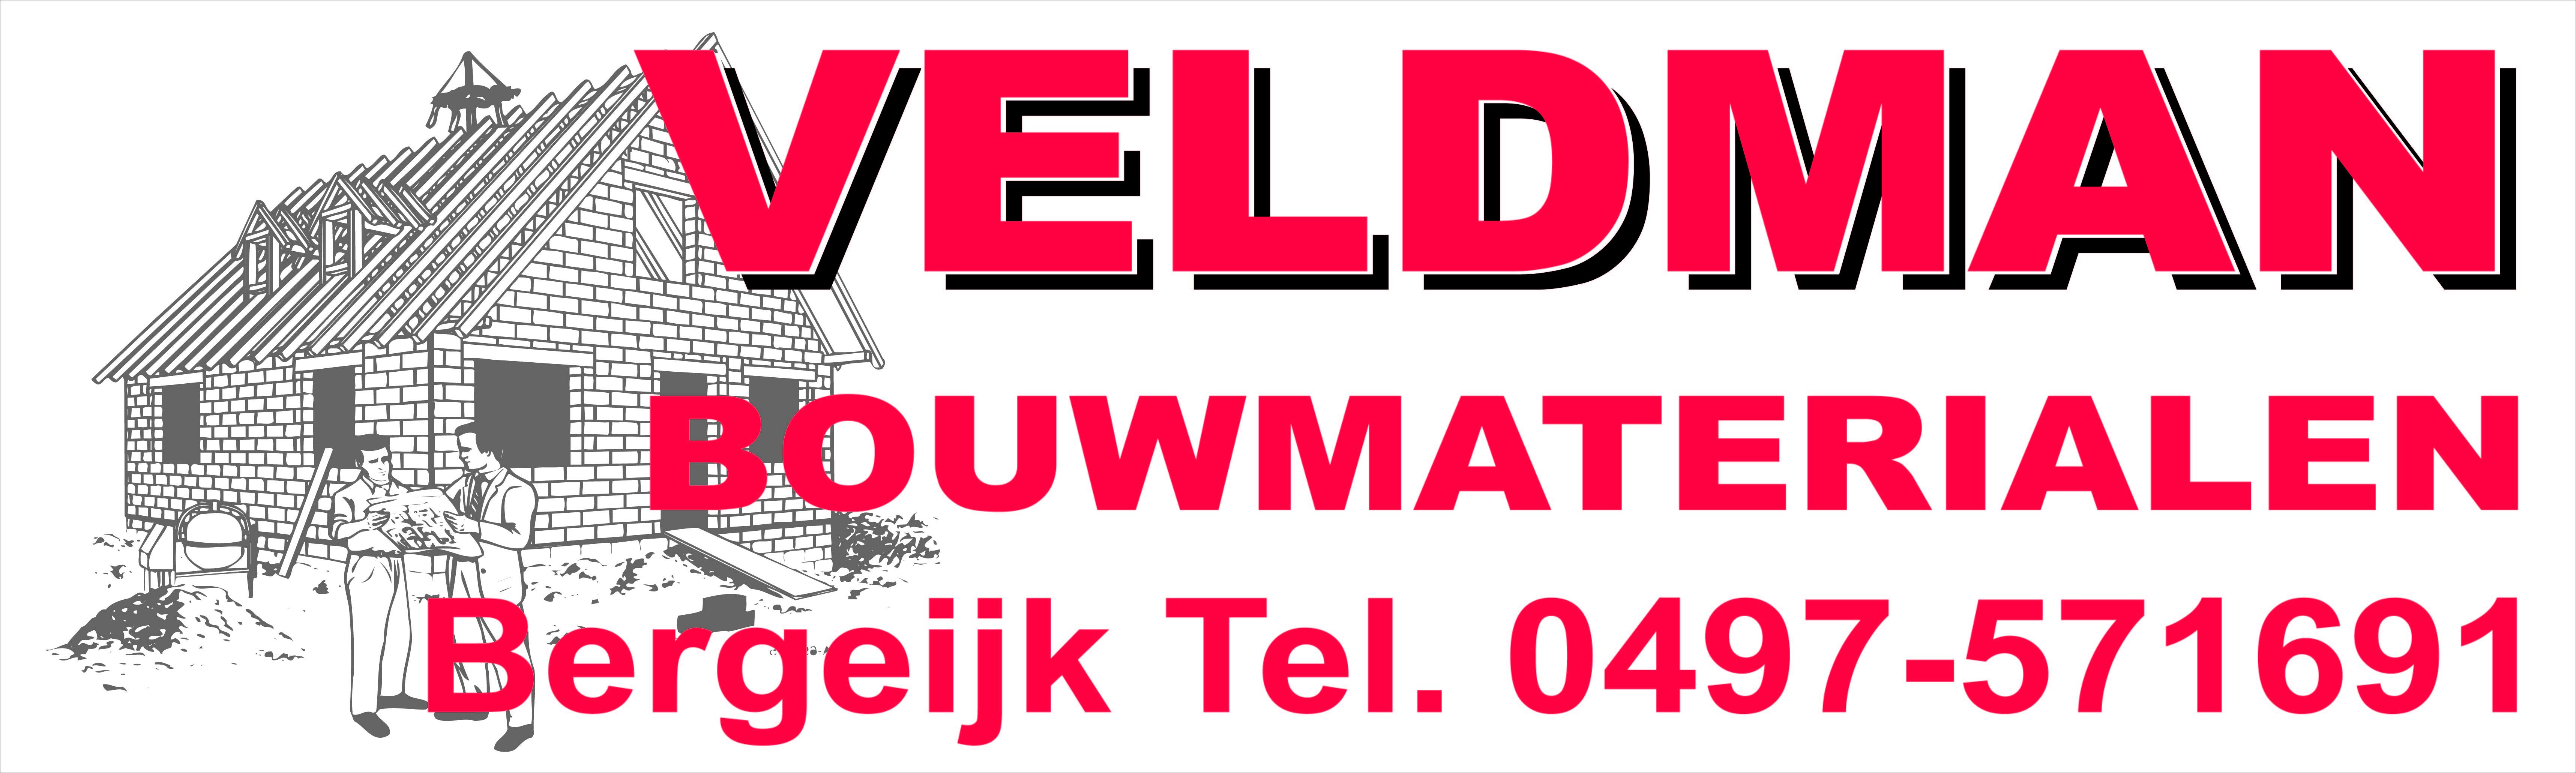 Veldman Bouwmaterialen